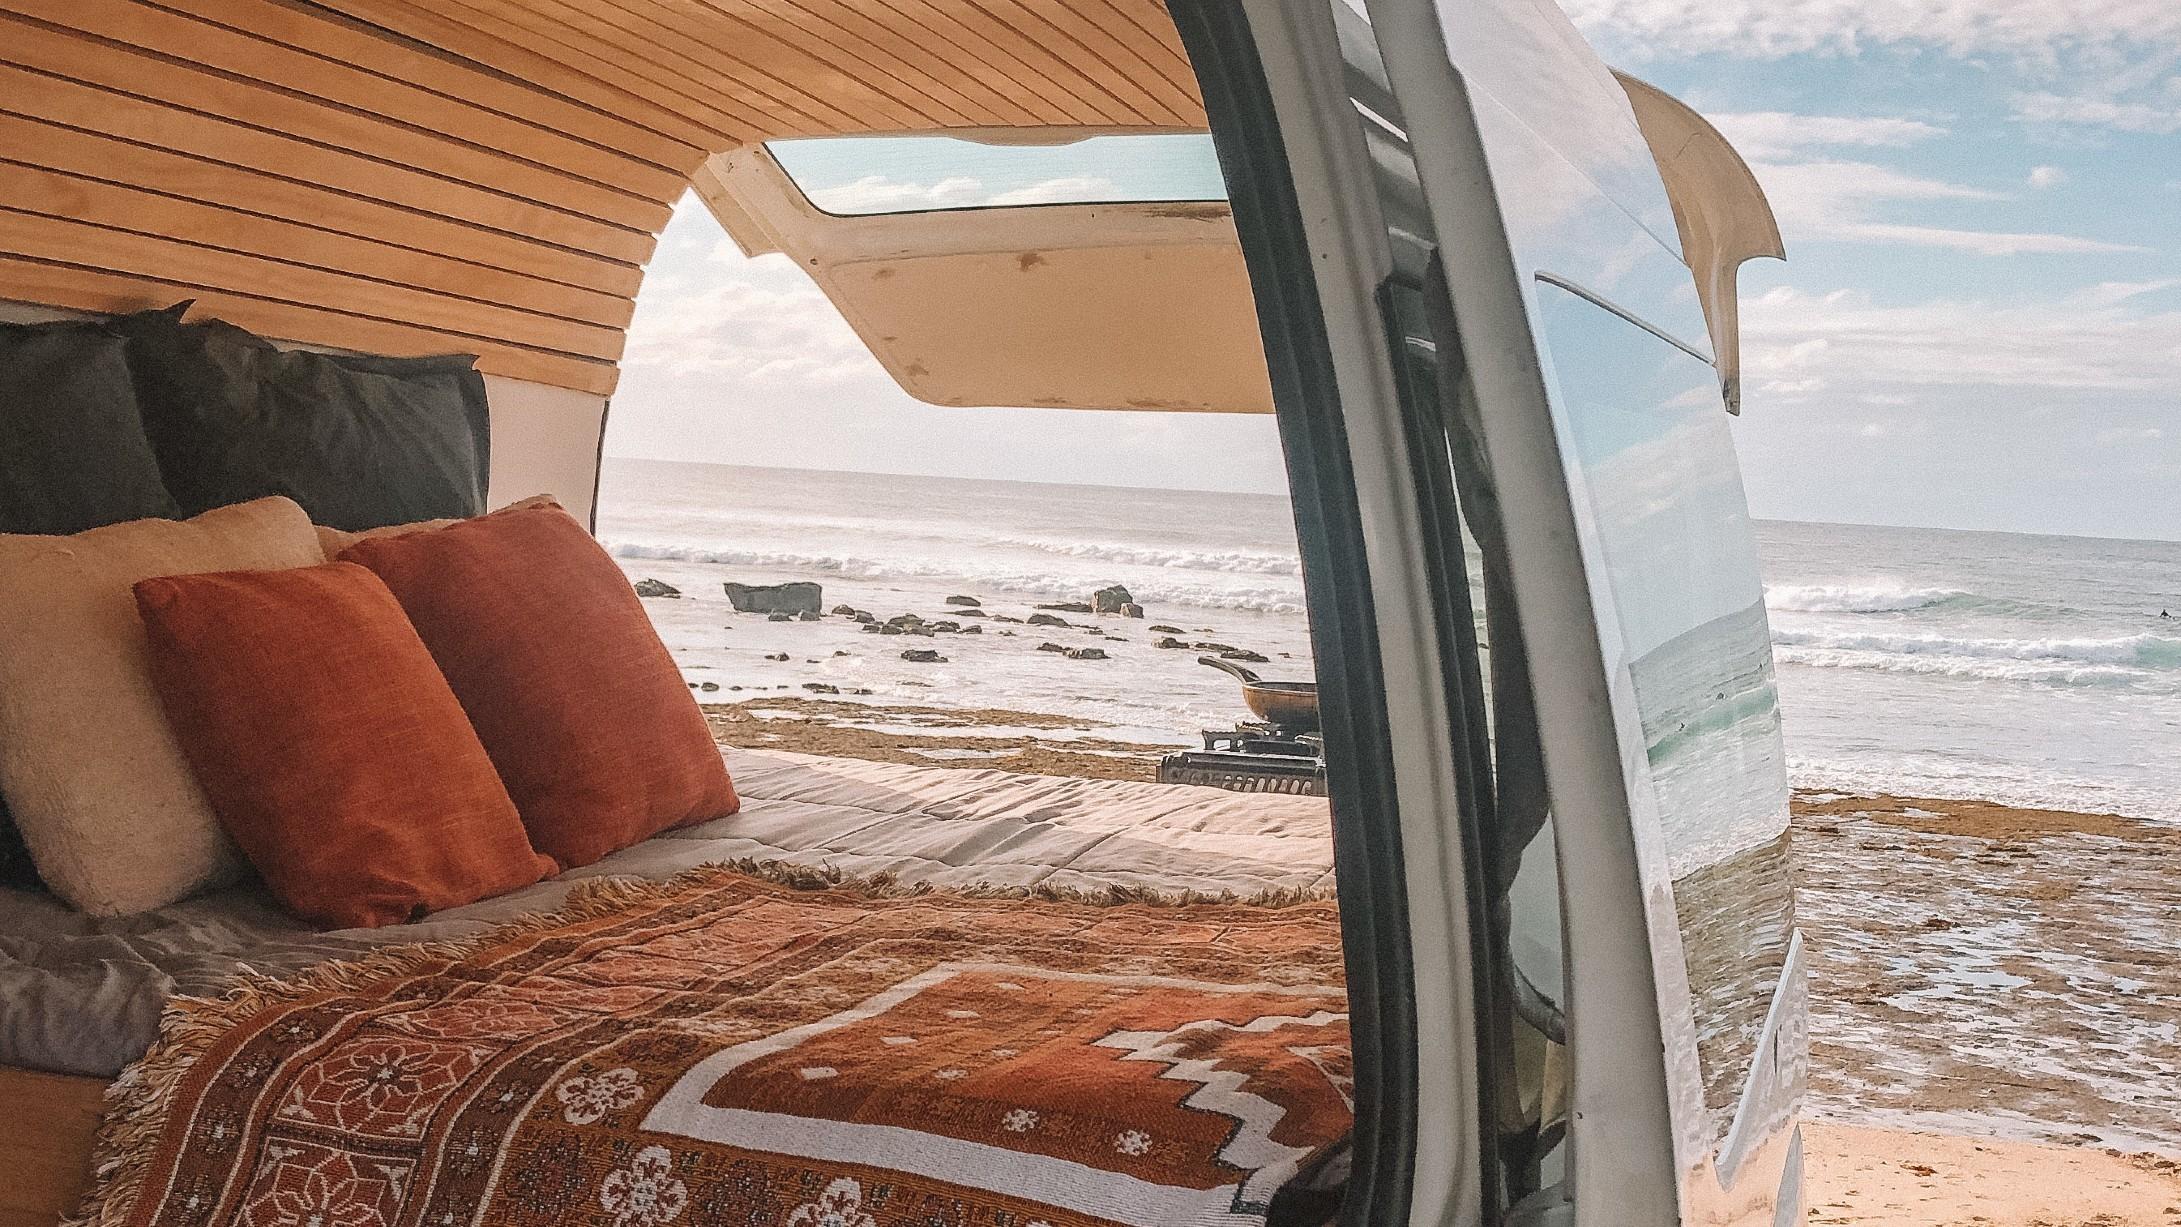 Interior of campervan with back door open to beach views